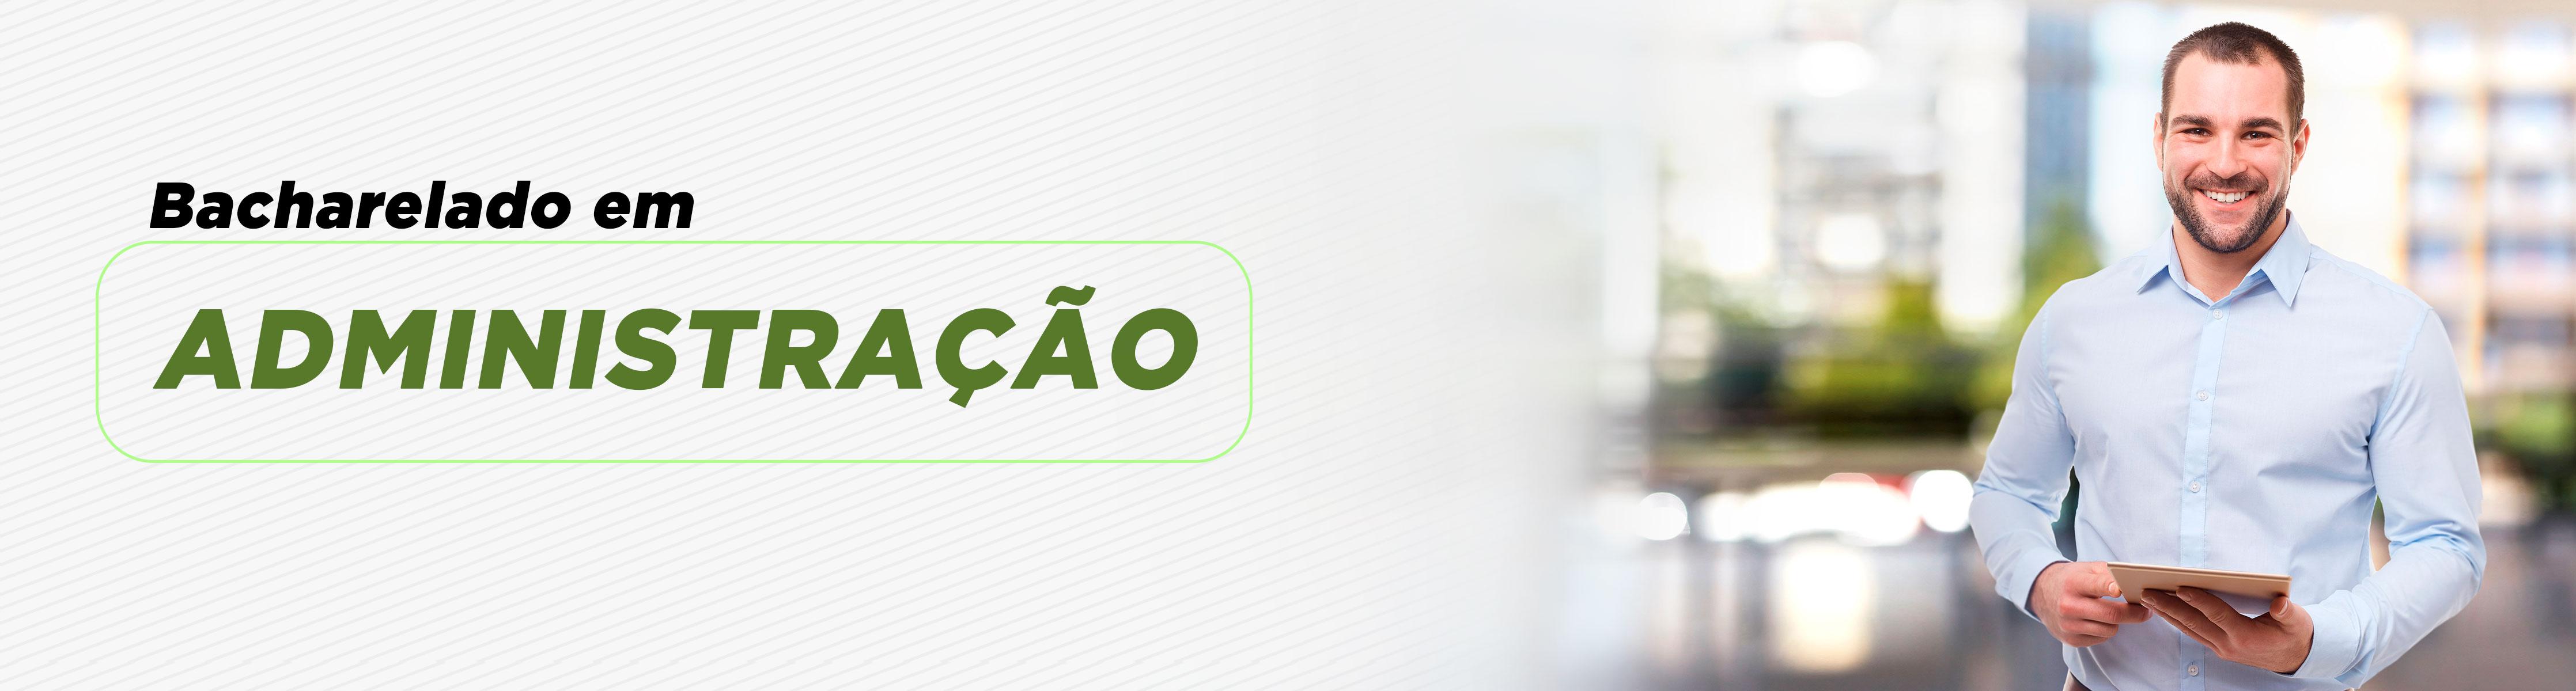 administracao-presencial-unifacear-2019